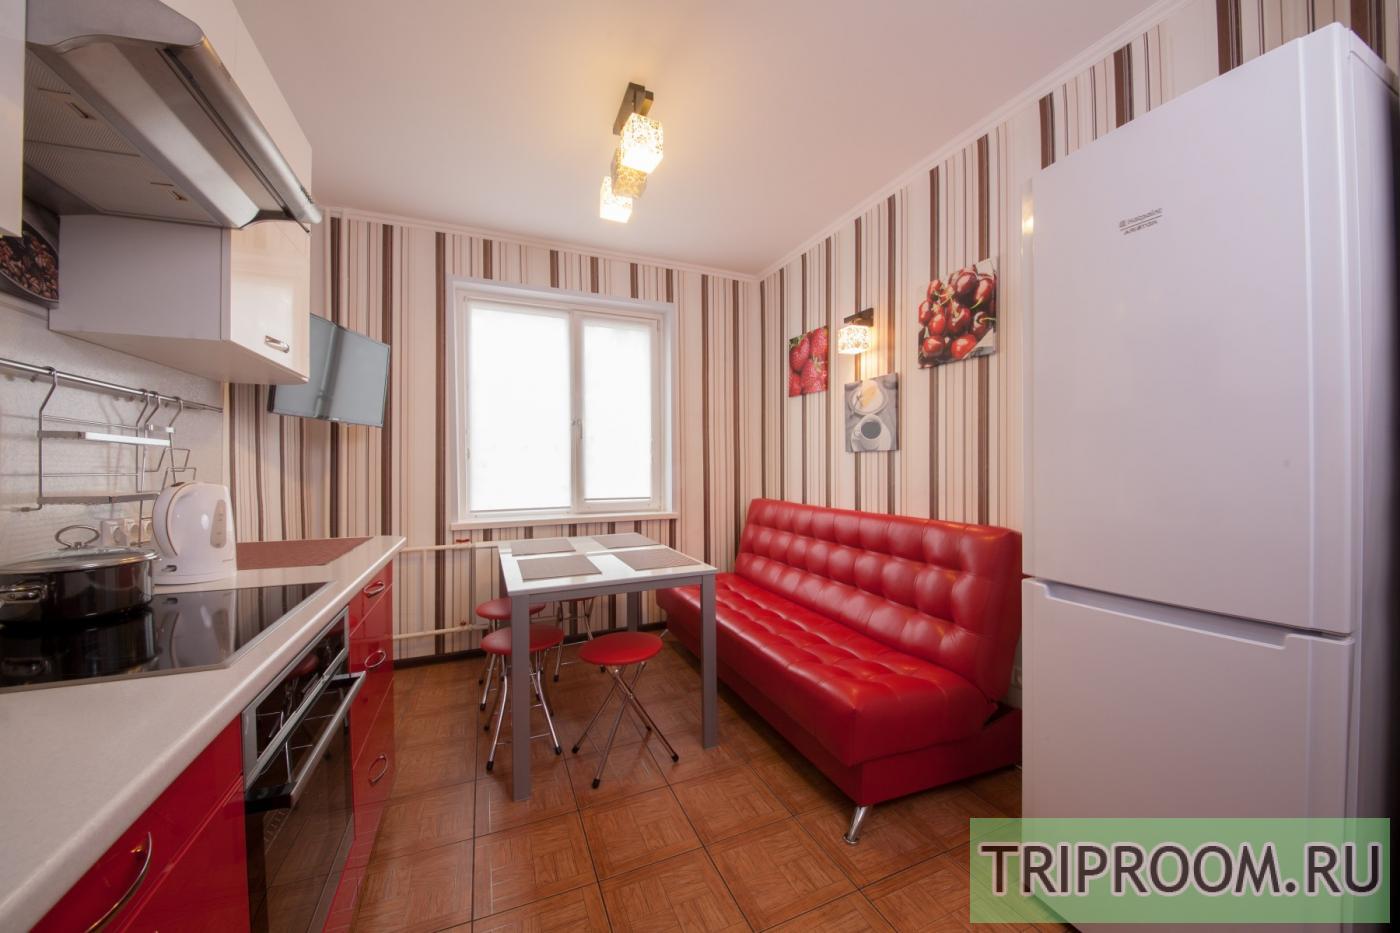 3-комнатная квартира посуточно (вариант № 12384), ул. Весны улица, фото № 10